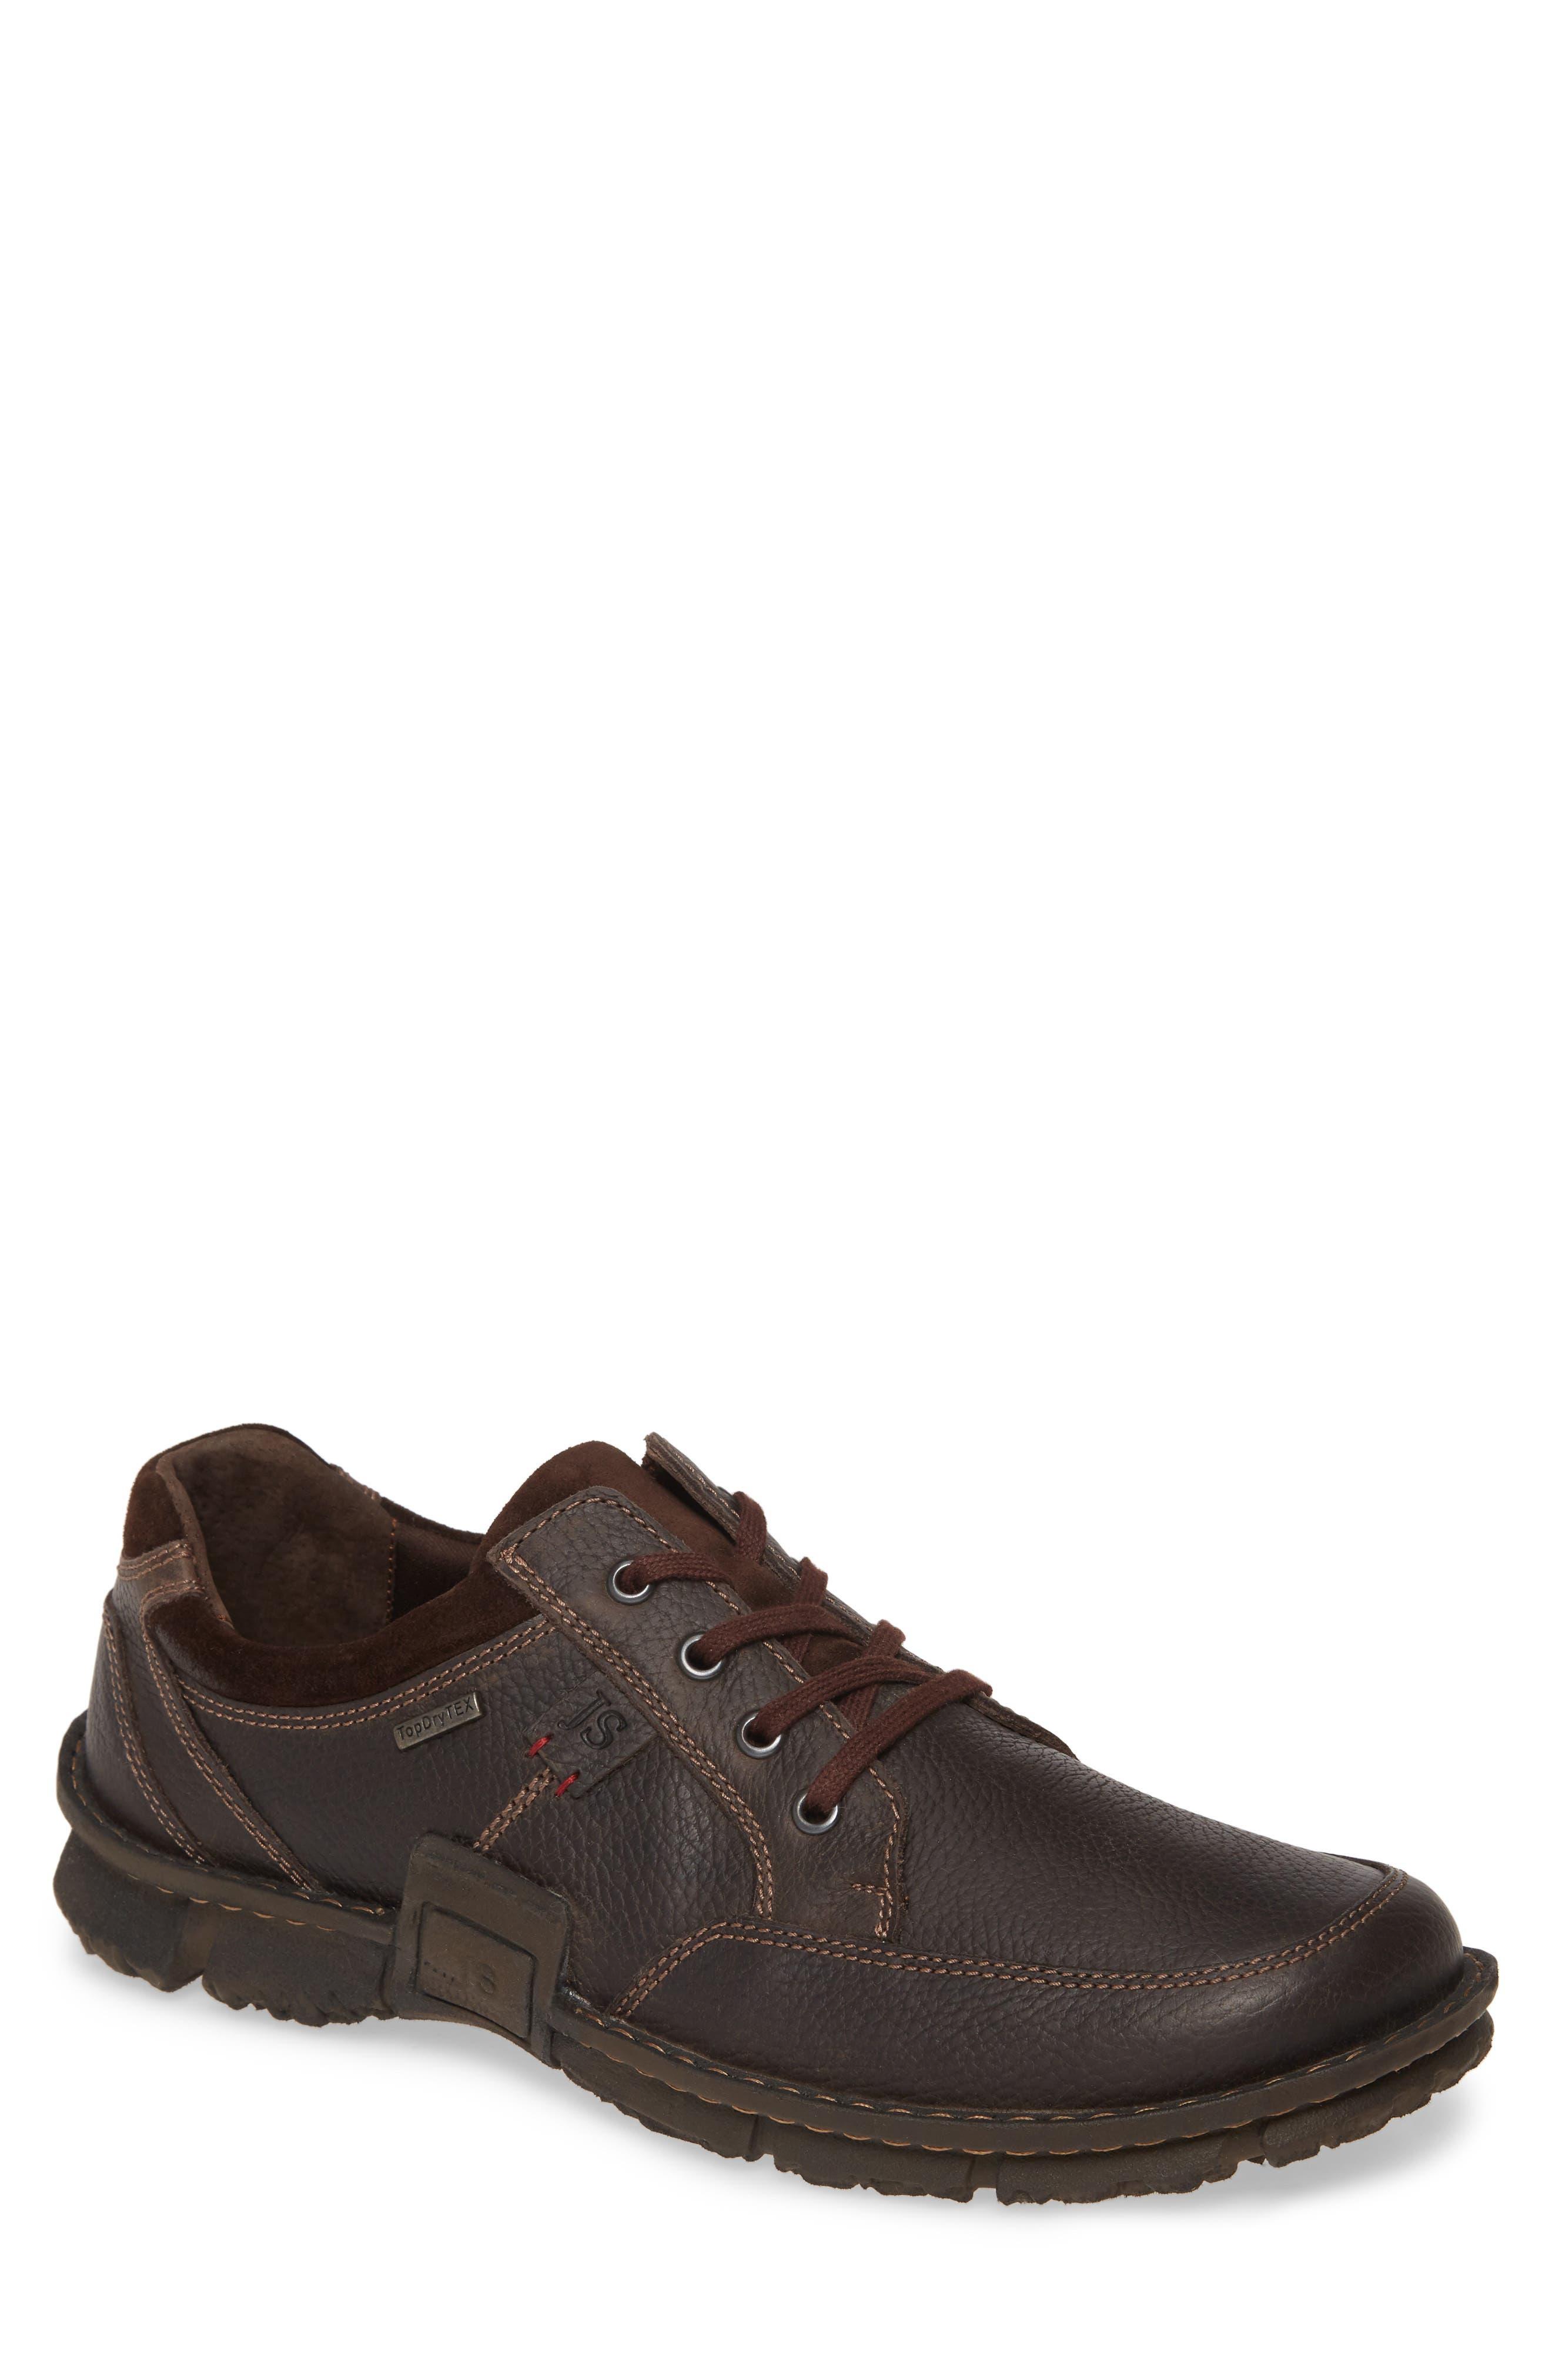 Men's Josef Seibel Shoes Sale